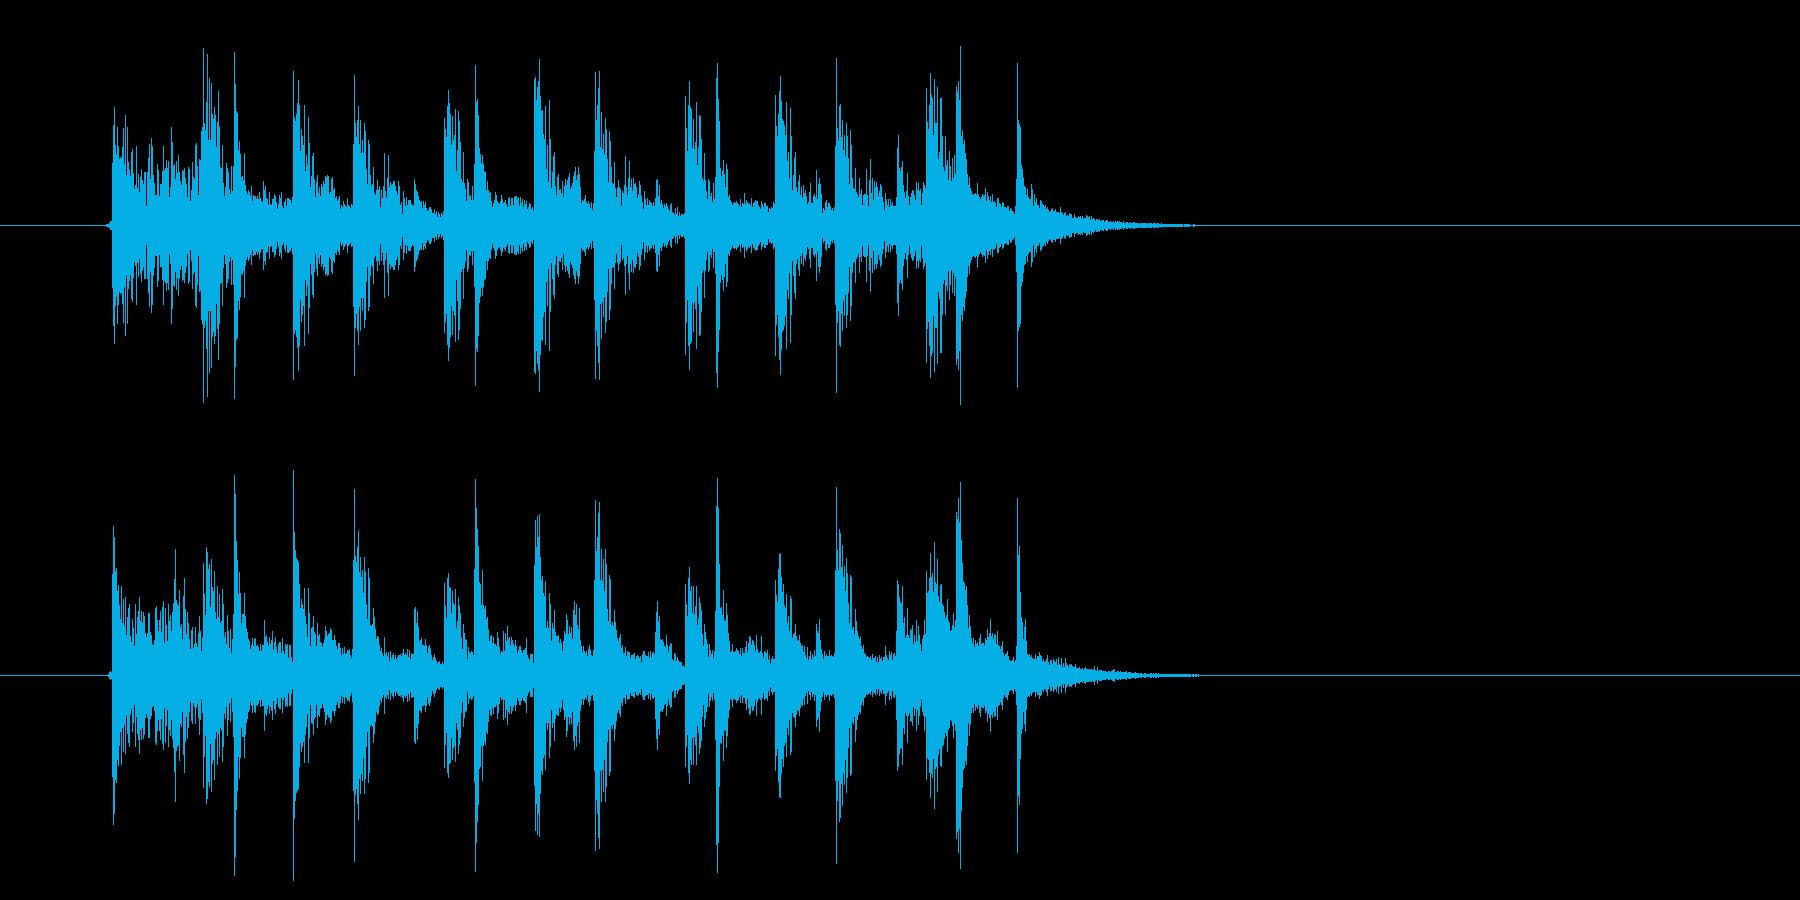 幻想的なアップテンポなテクノ音楽の再生済みの波形